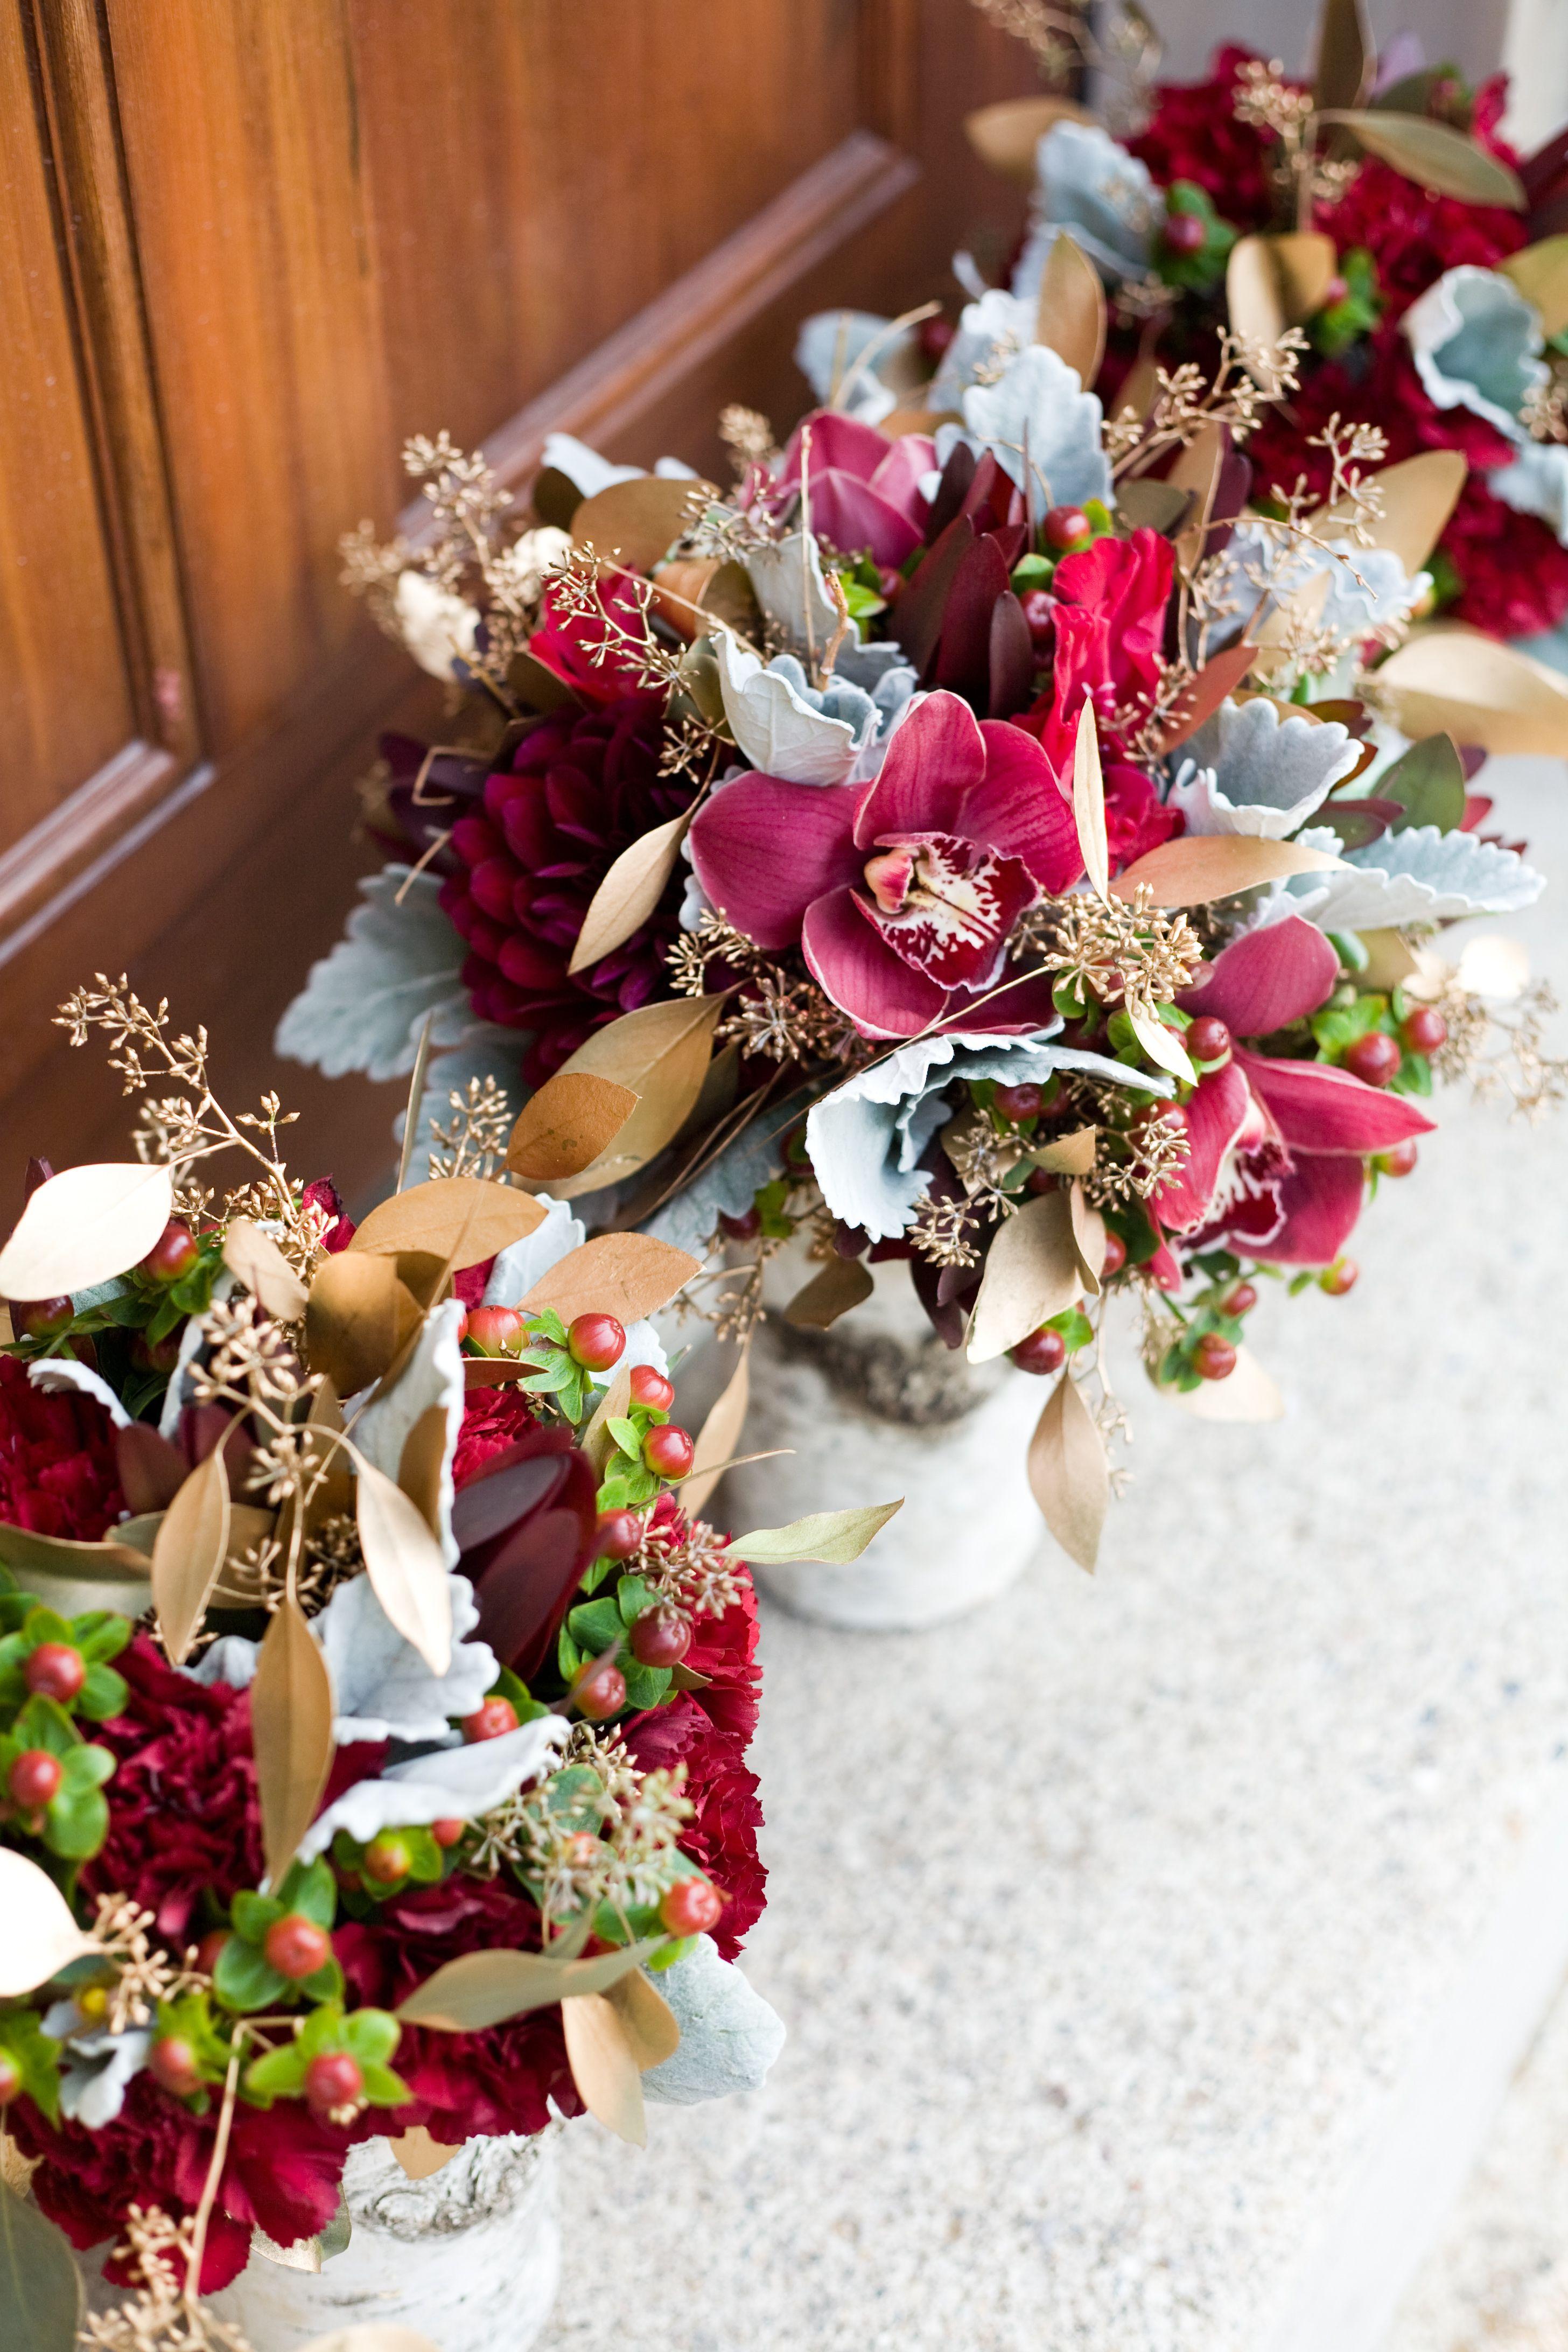 Sneak Peak of Chelsea + Brett's Rustic Wedding Flowers